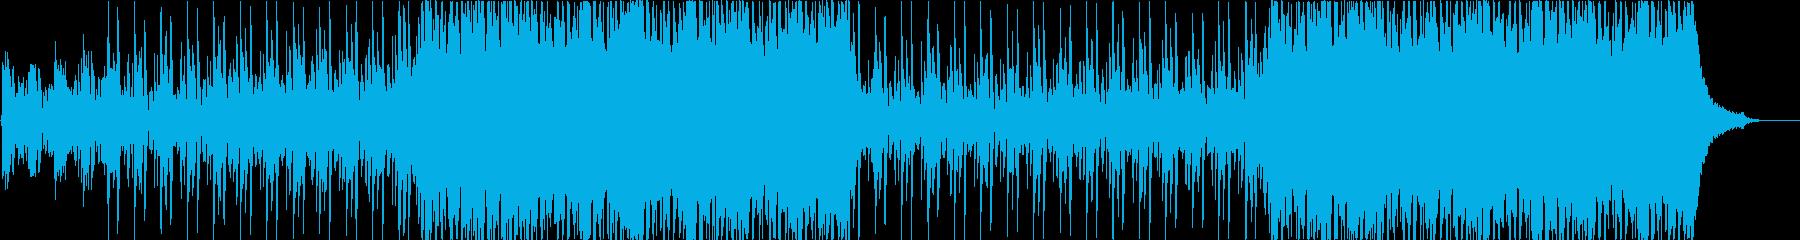 壮大で爽やか、ピアノとストリングスの再生済みの波形